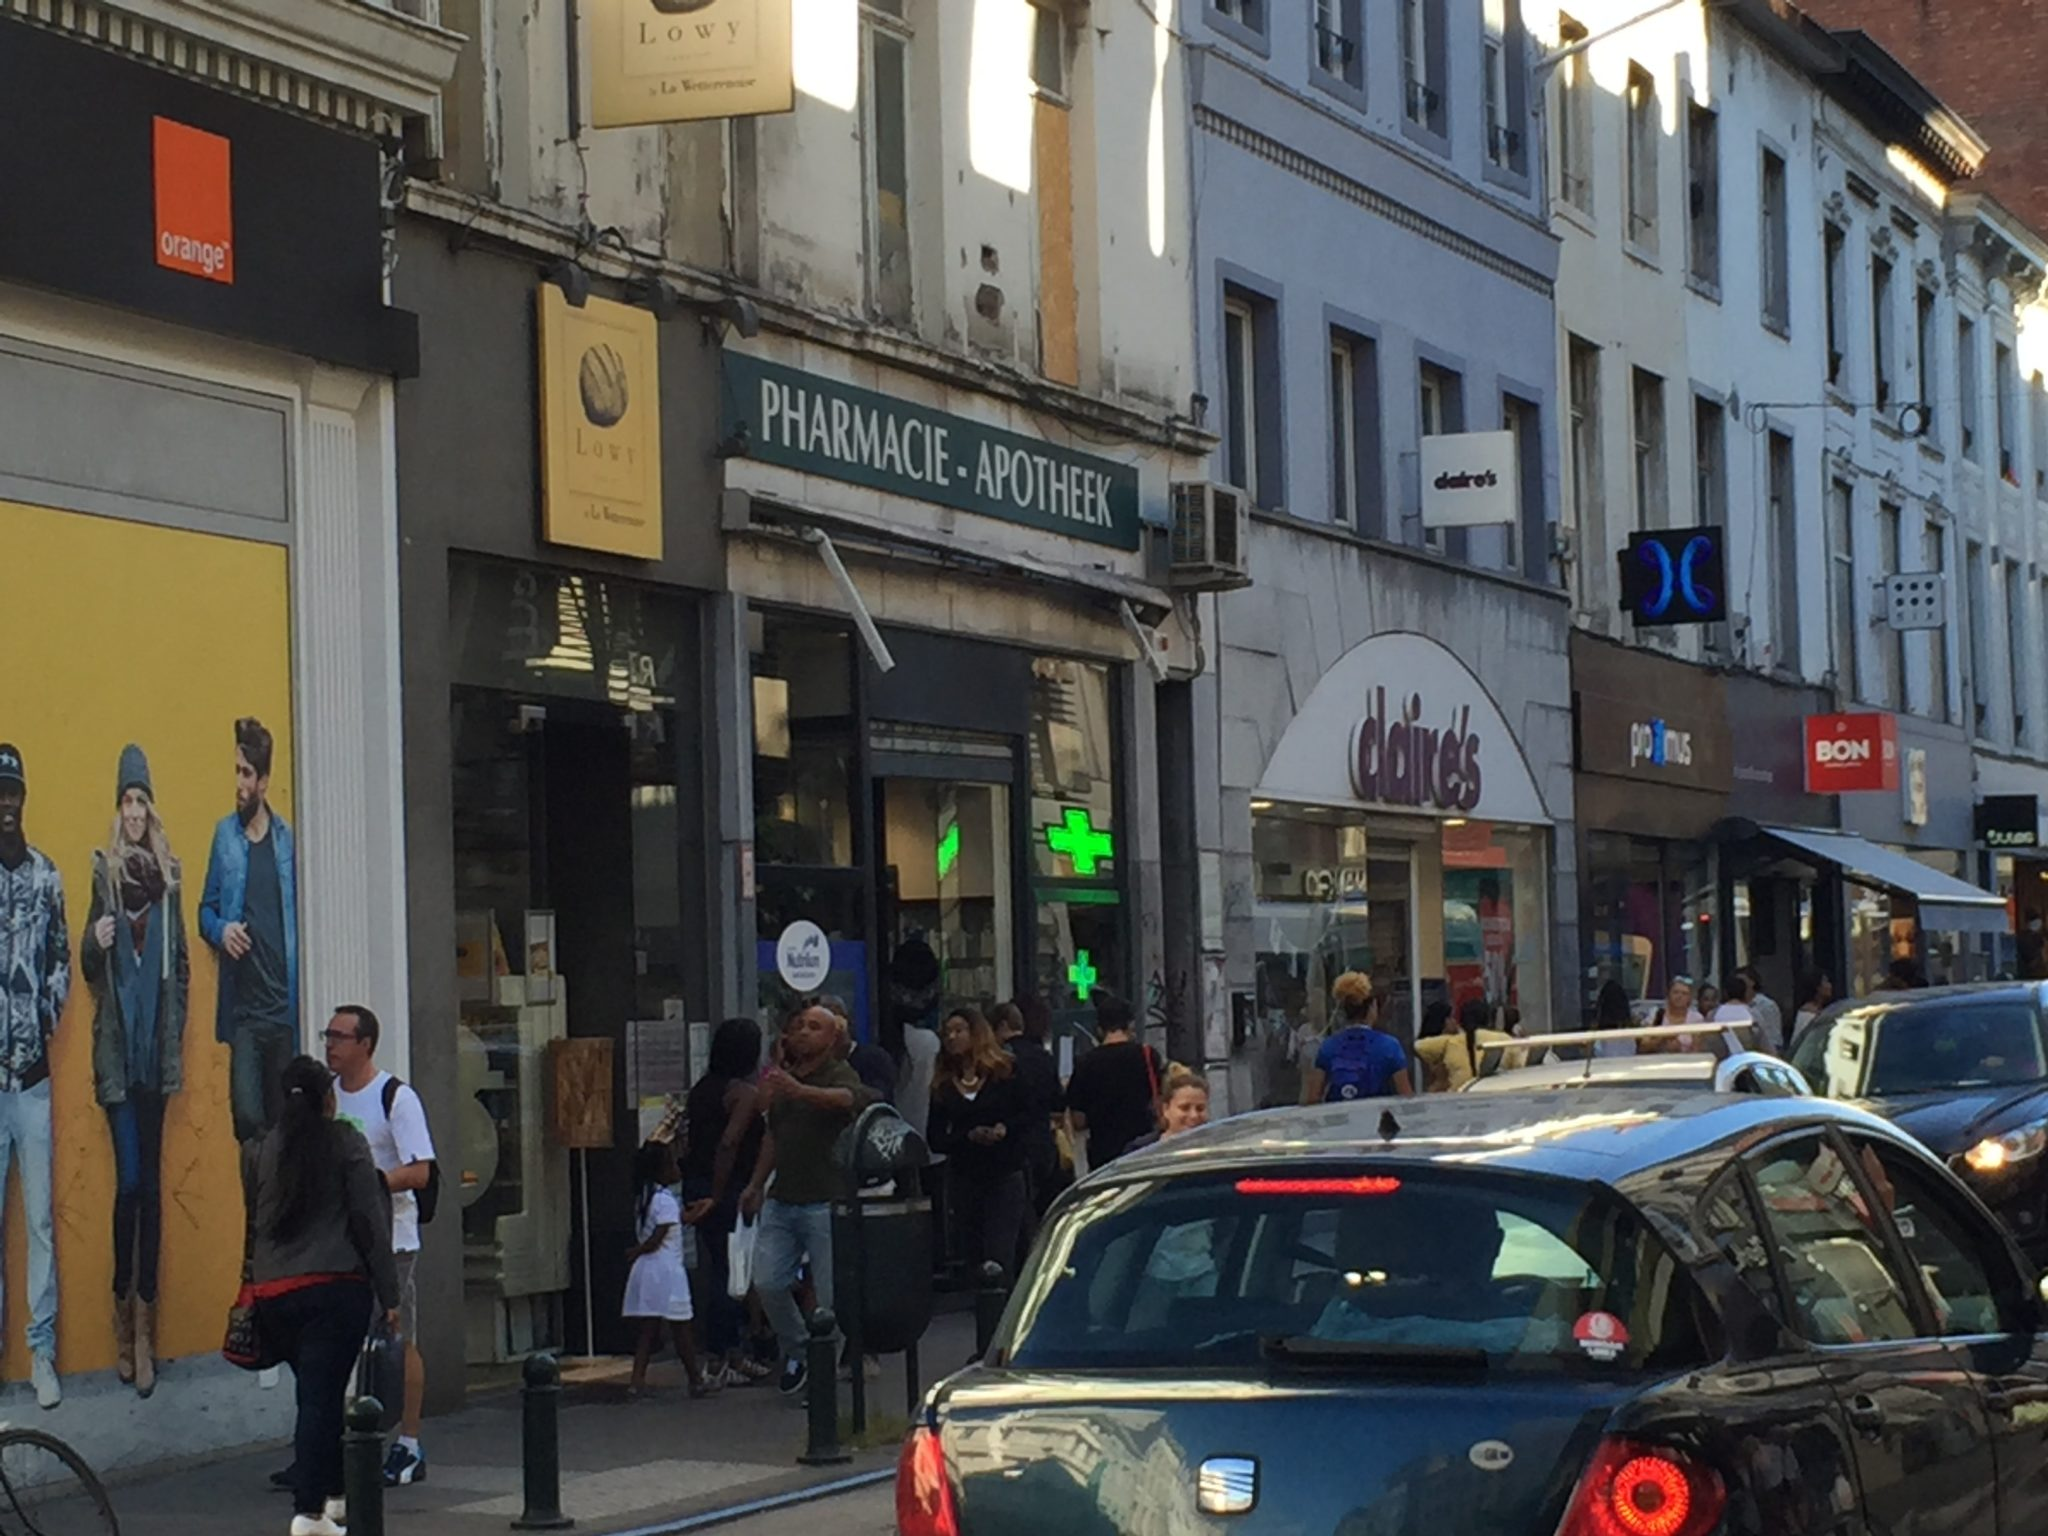 Commerce, urbanisme: pour que la chaussée d'Ixelles retrouve de sa splendeur